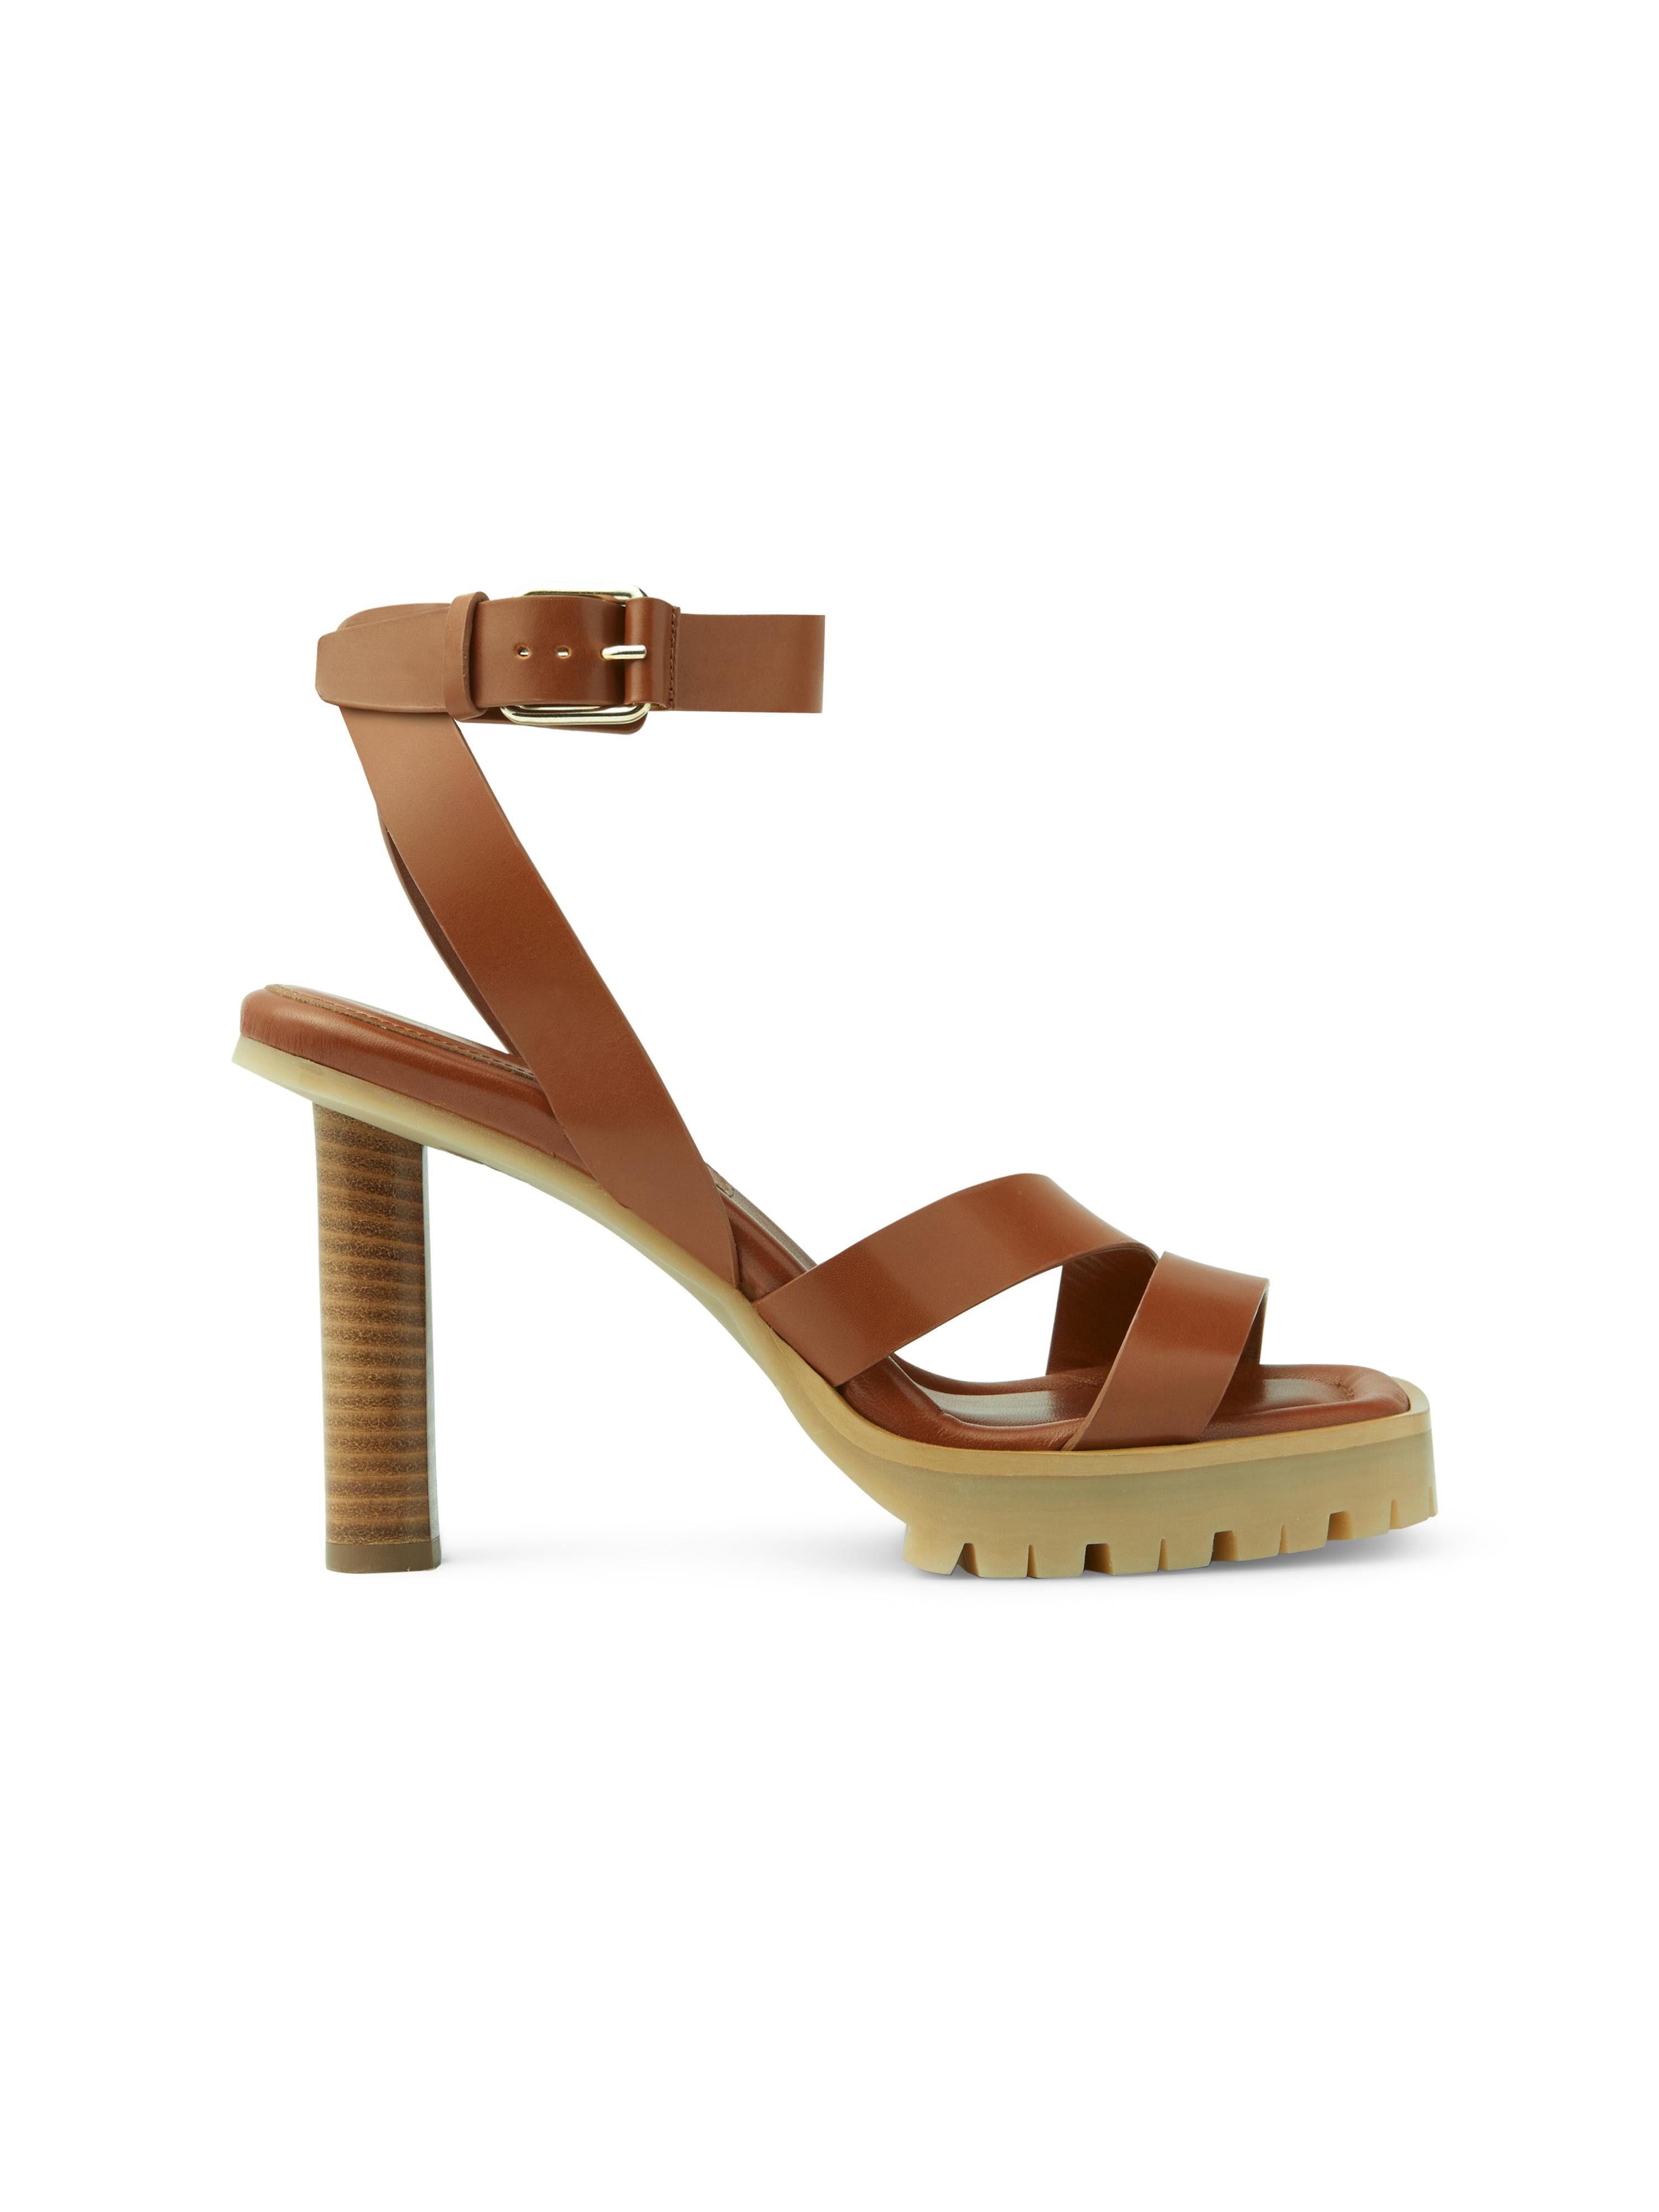 tamara mellon, irina shayk, collaboration, shoe